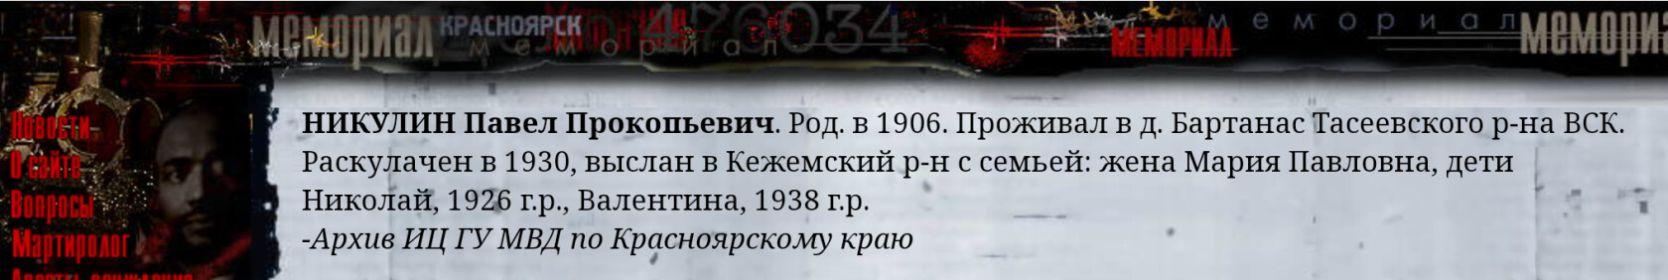 Красноярское общество МЕМОРИАЛ